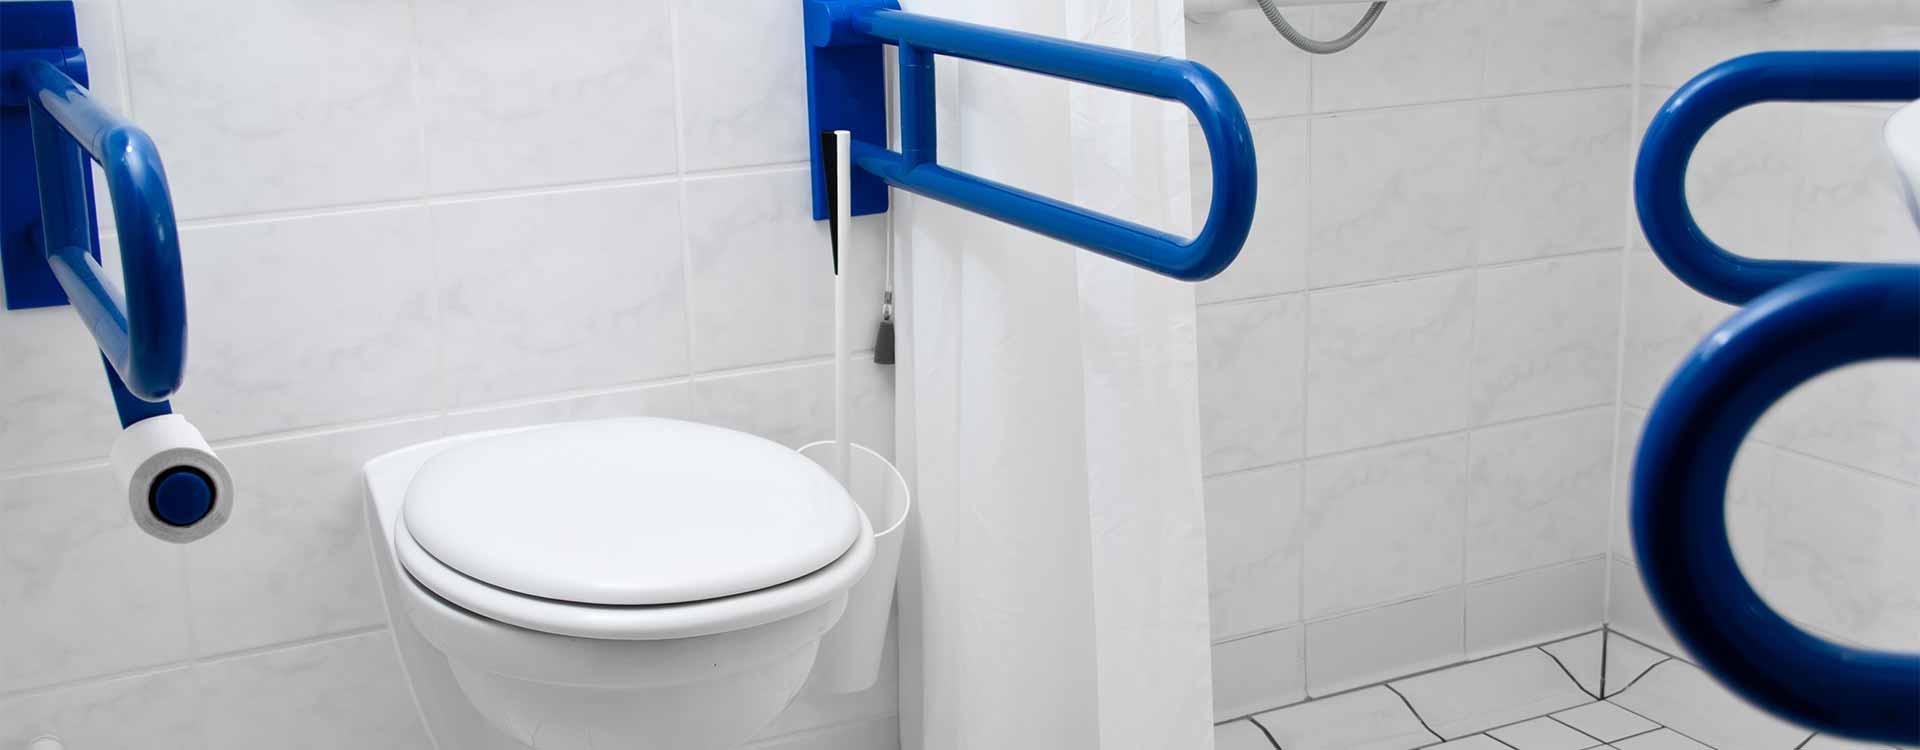 5M Deco | À Ivry-sur-Seine et alentour, des spécialistes en salles de bain PMR